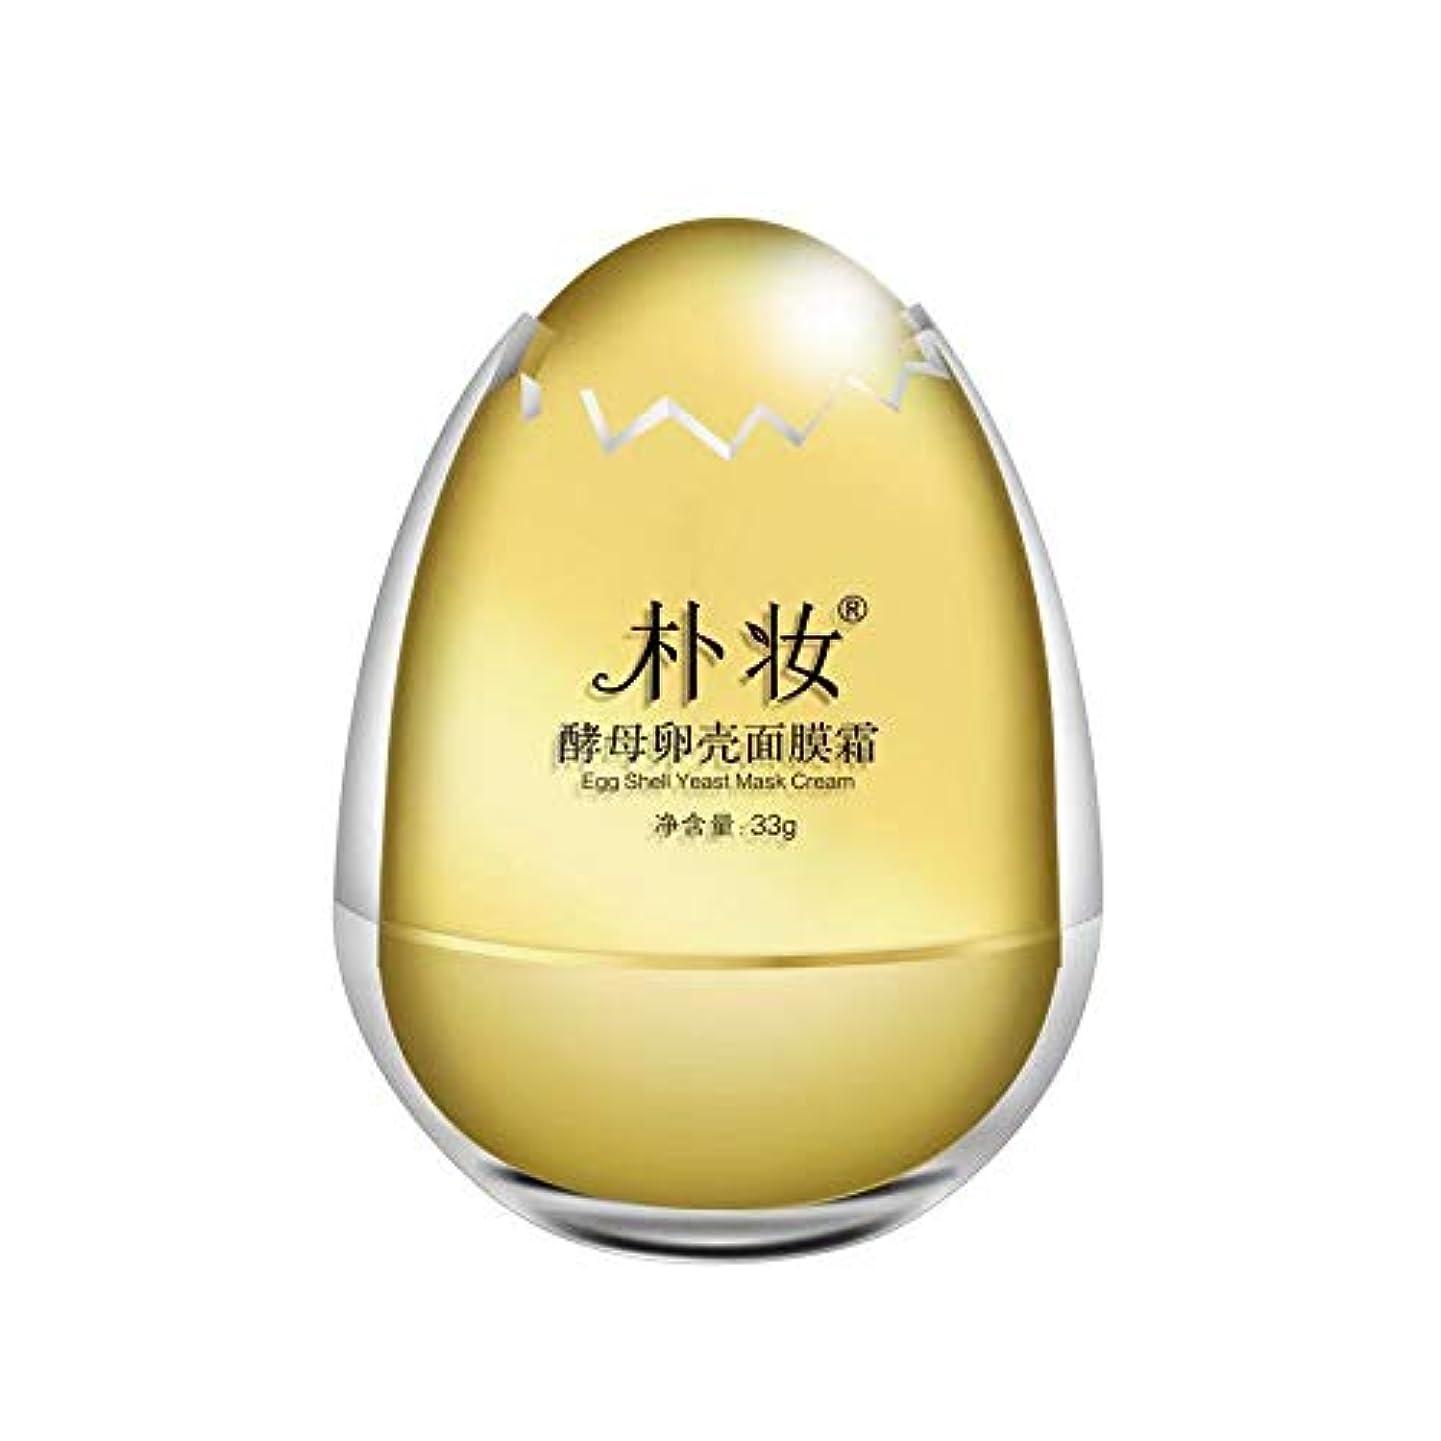 朴妆たんたんパック 酵母卵殻マスククリーム33g しっとりと た肌,シュリンクポア,しわ耐性,肌を引っ張る、